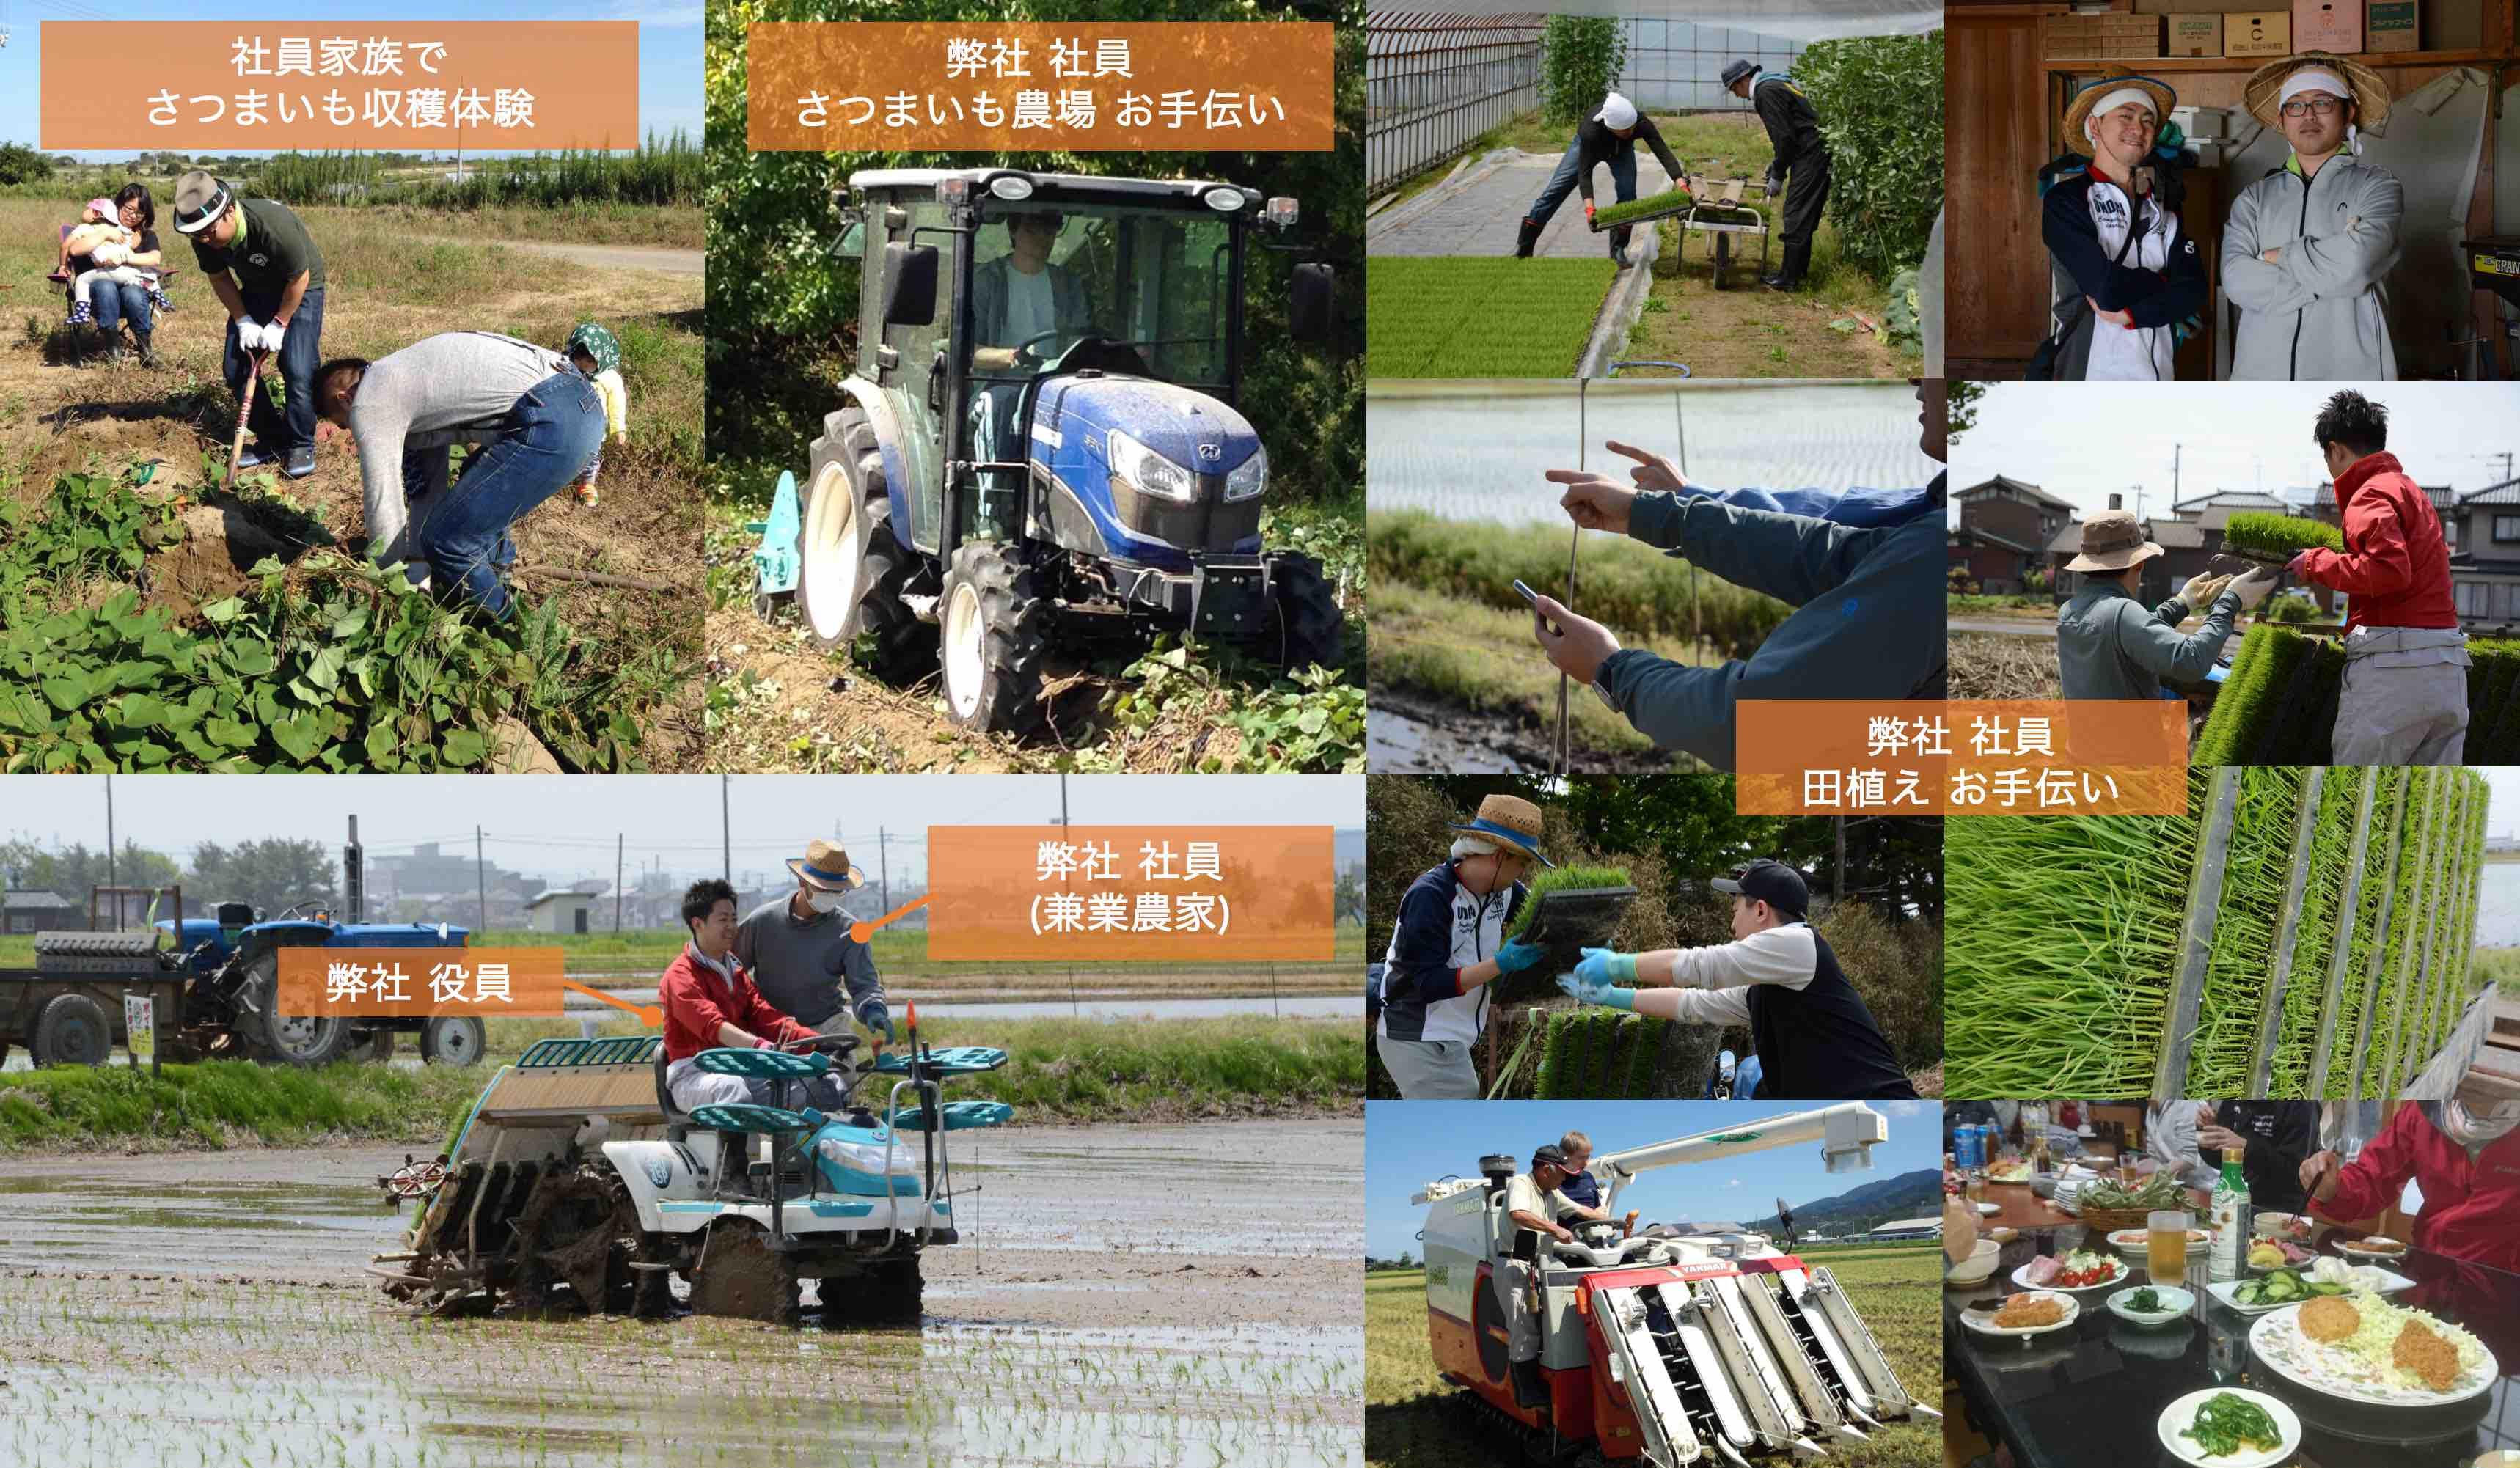 会社の雰囲気・農業研修・農業体験